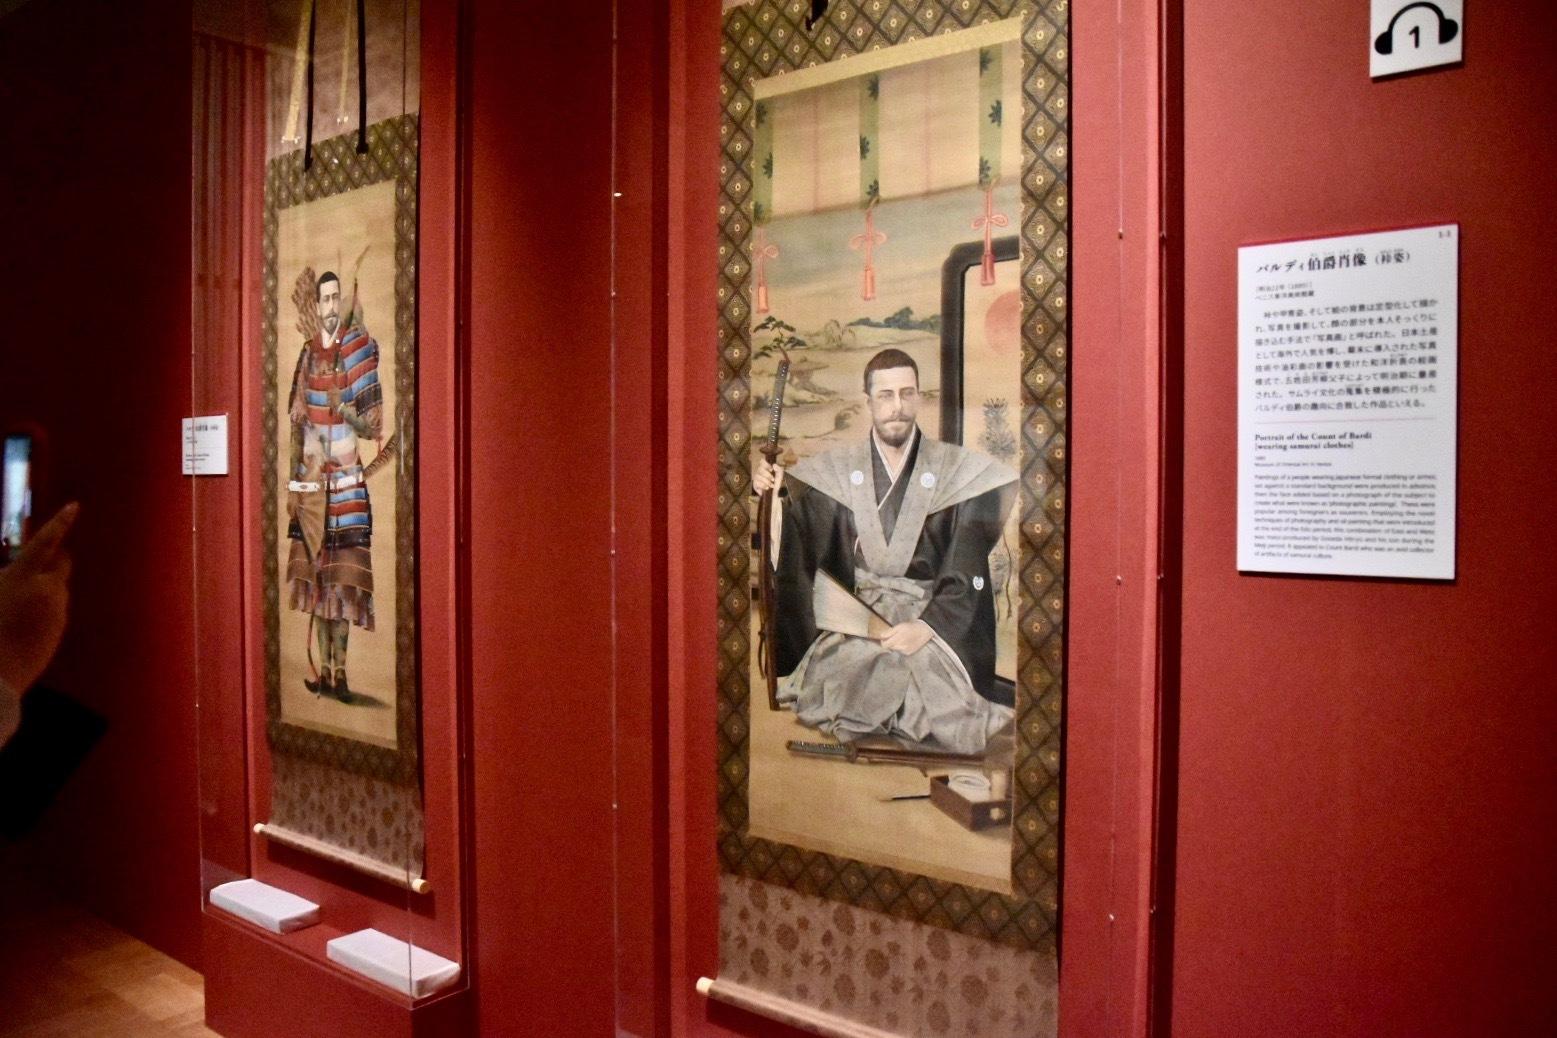 右:バルディ伯爵肖像(袴姿) 明治22年(1889) ベニス東洋美術館蔵 左奥:バルディ伯爵肖像(甲冑姿) 明治22年(1889) ベニス東洋美術館蔵